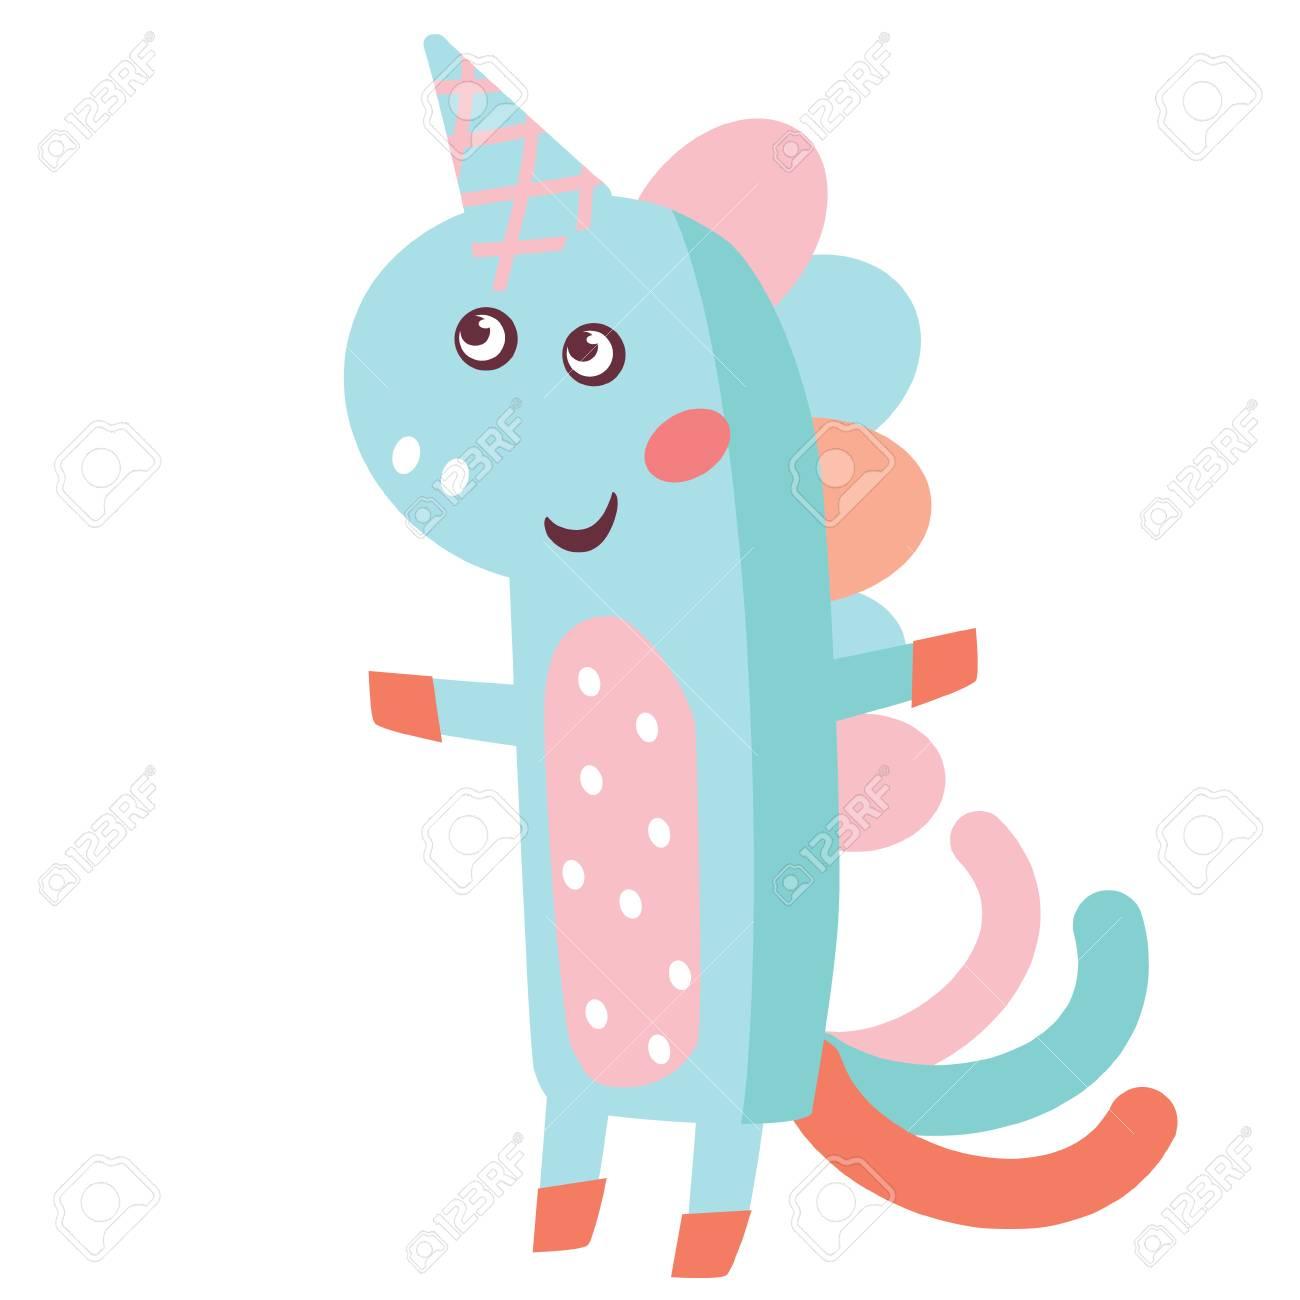 かわいい小さなユニコーンのイラスト。かわいい動物イラスト